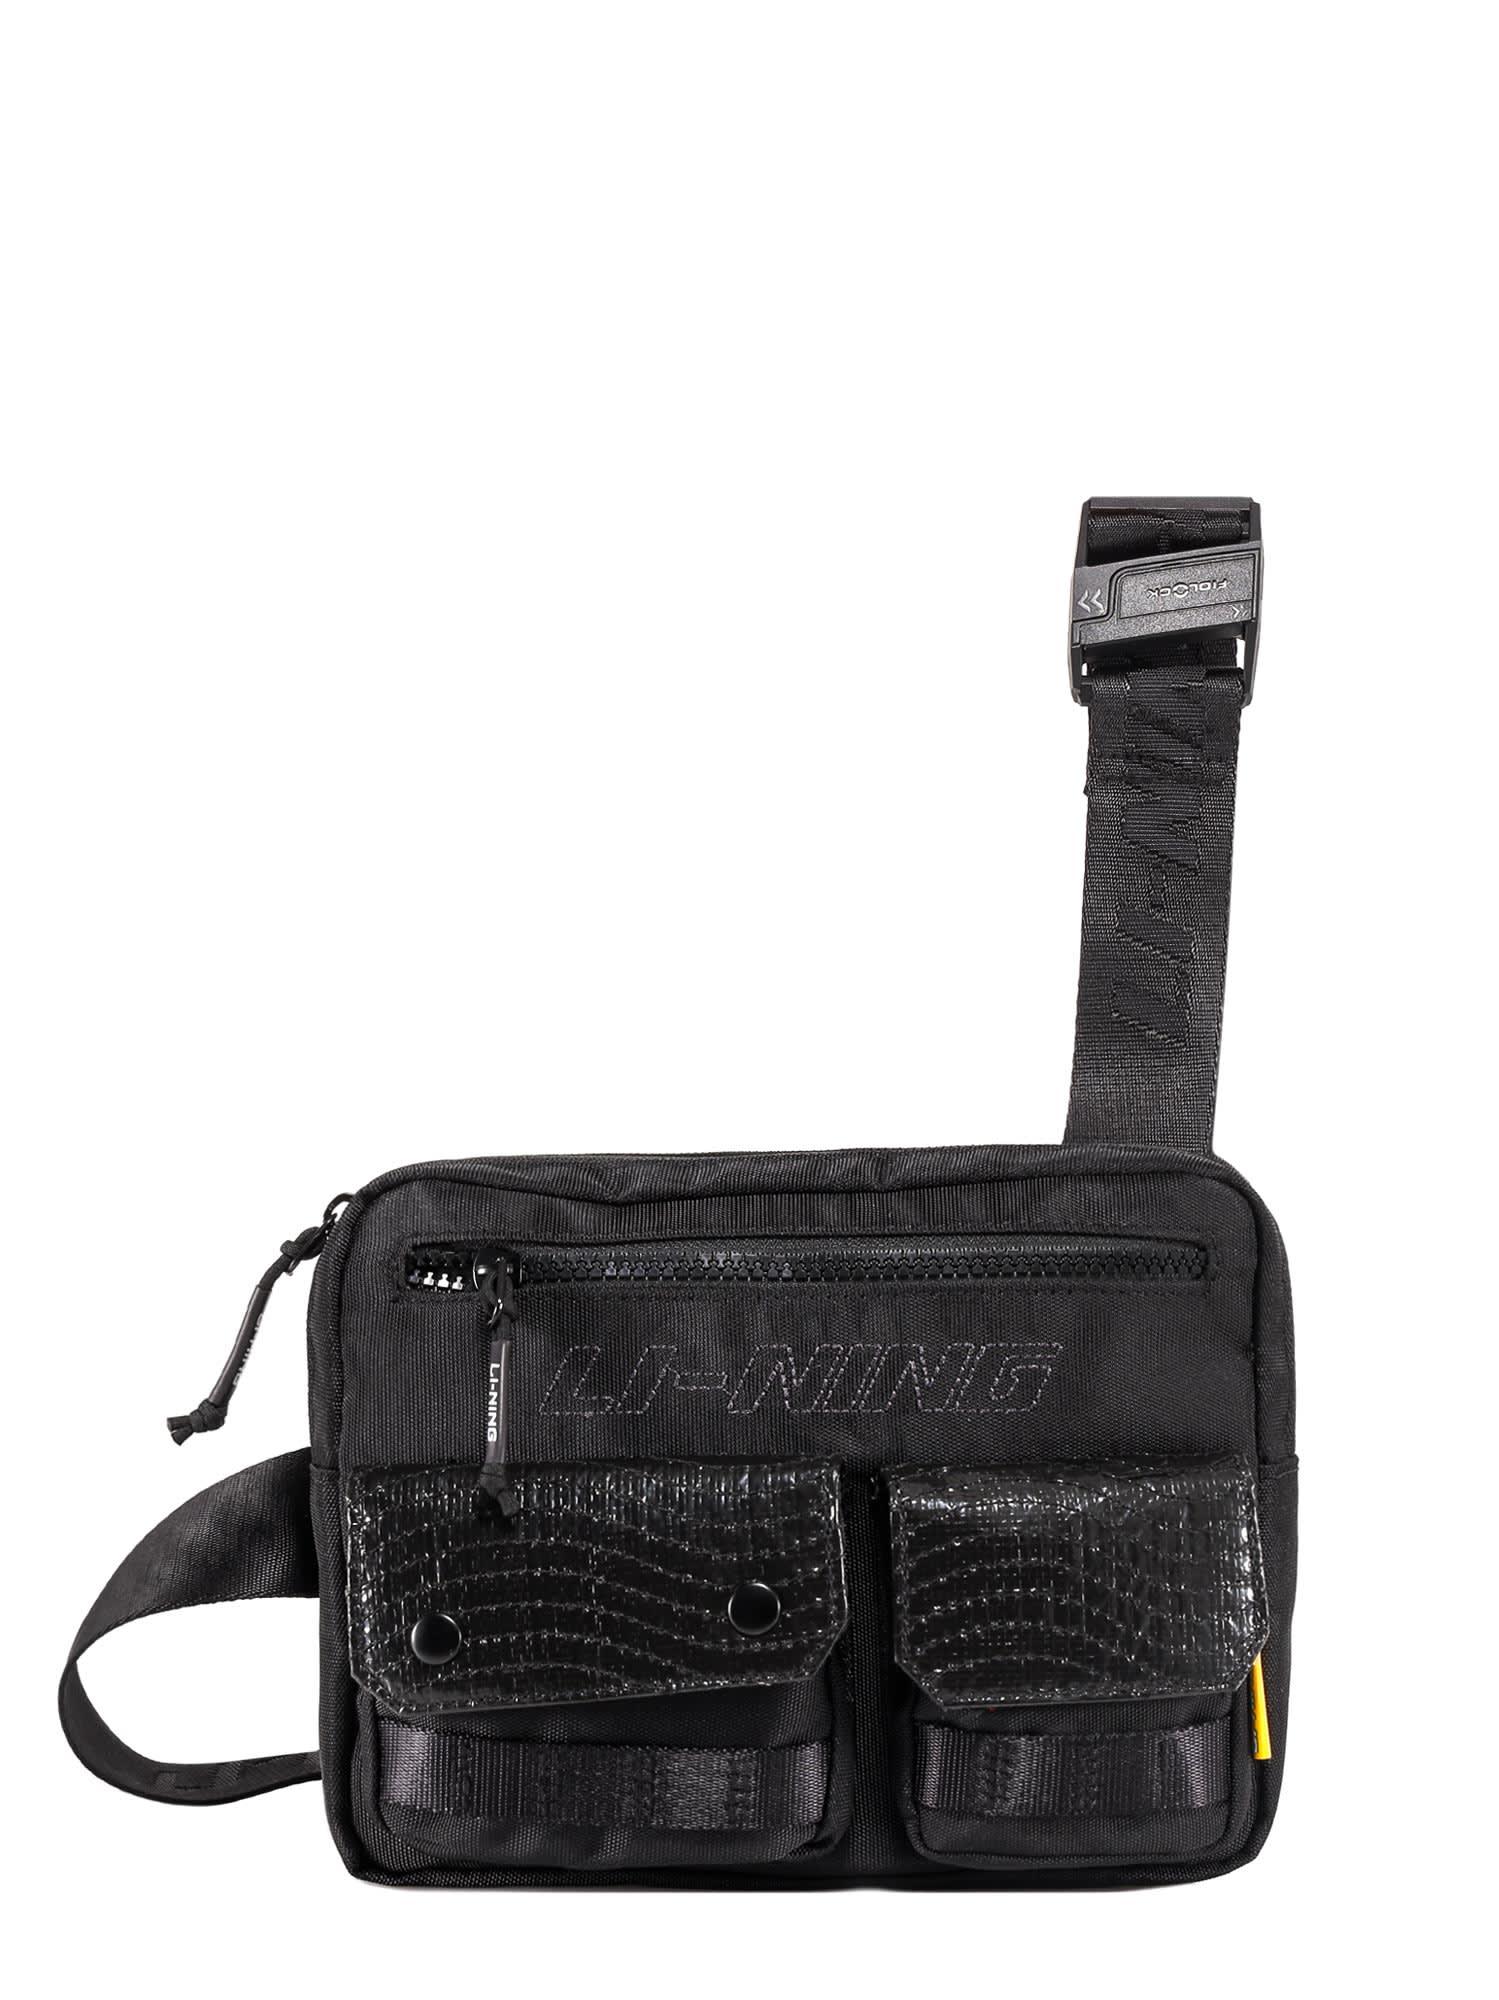 Li-Ning Belt Bag